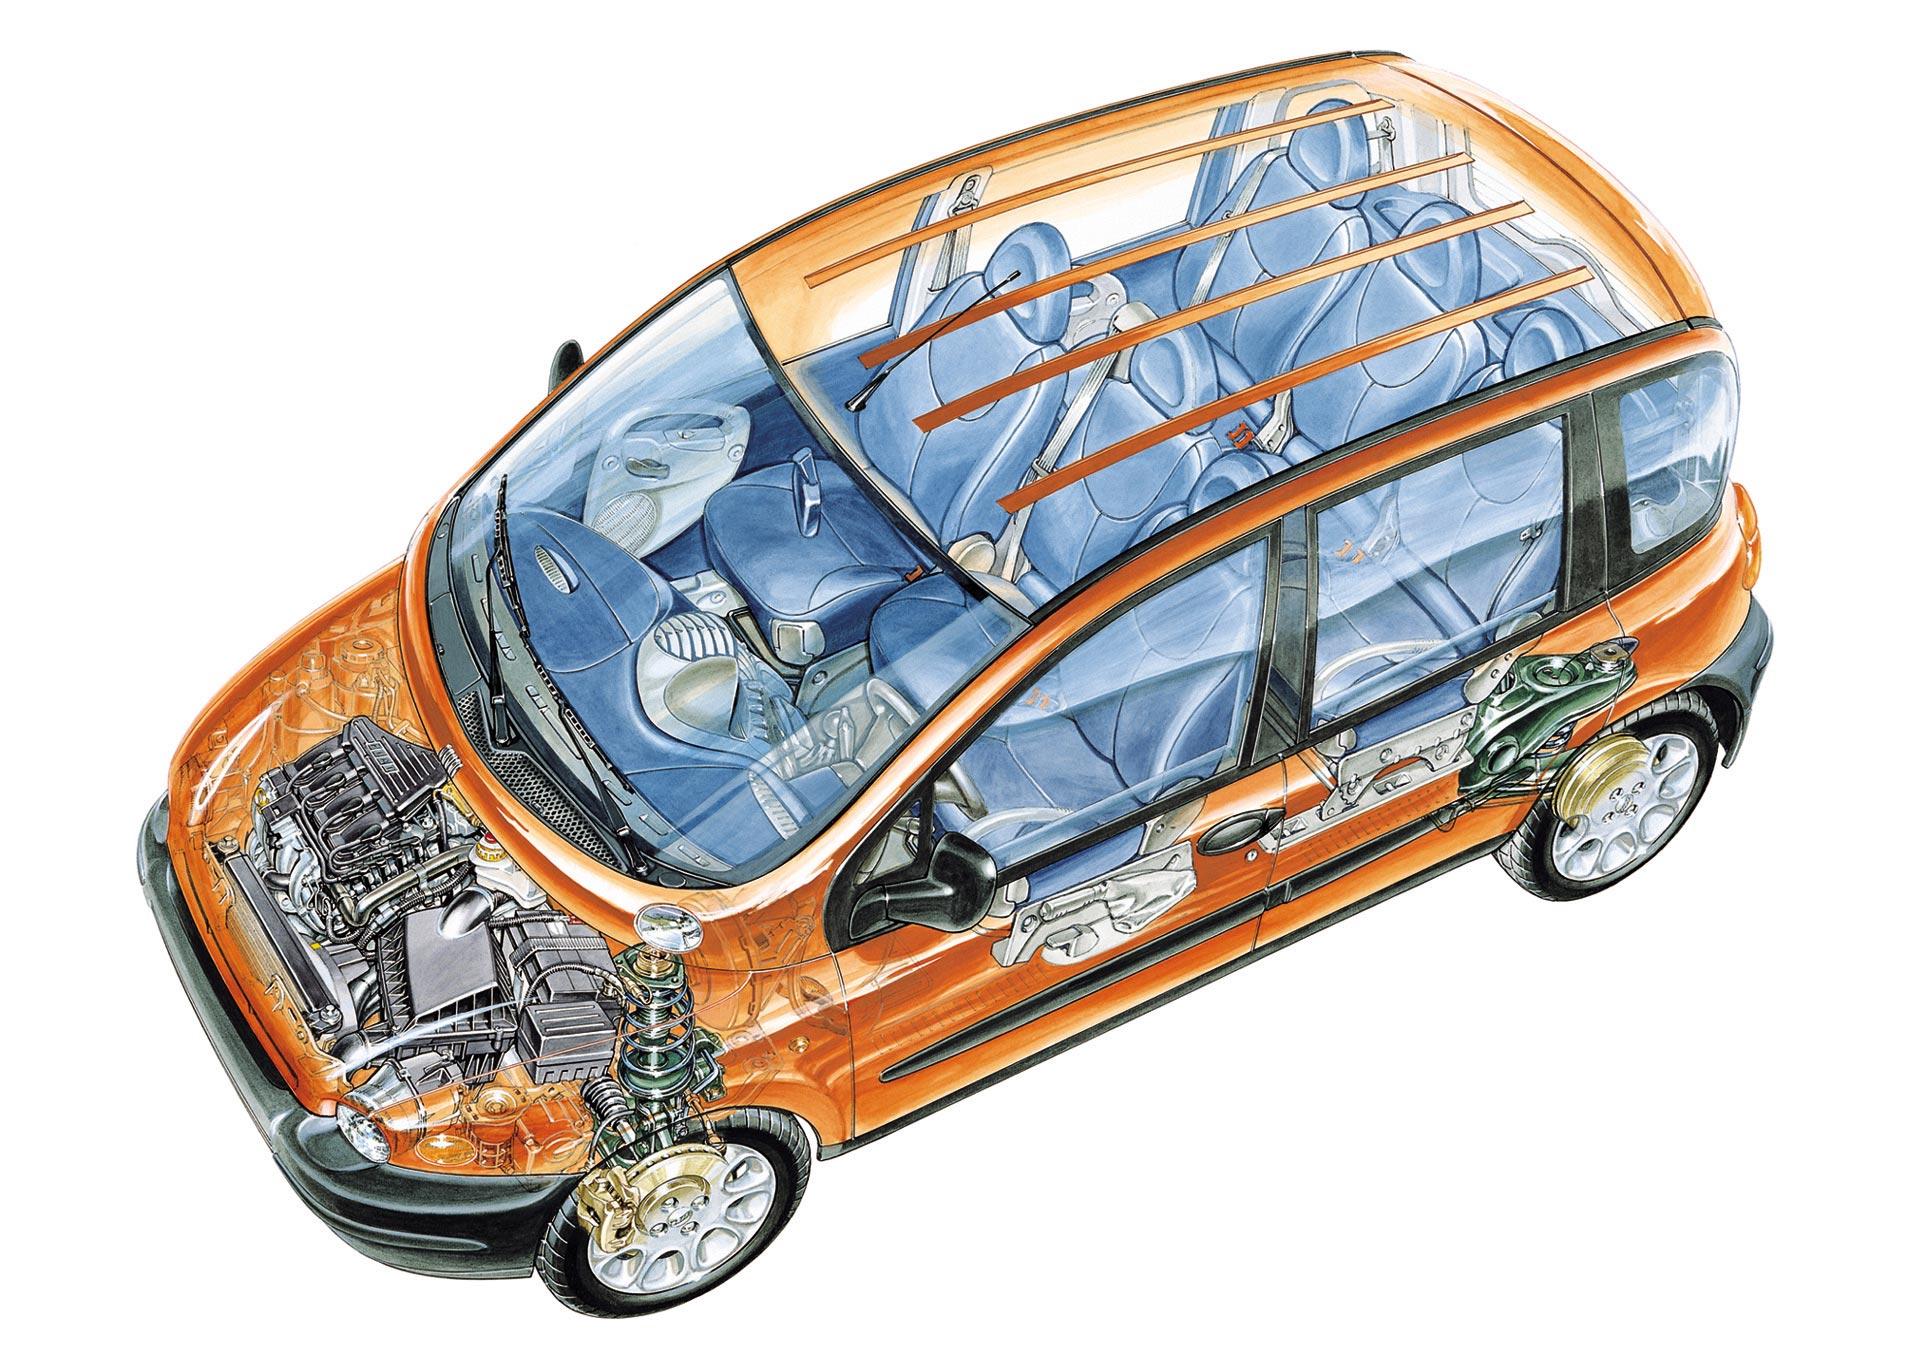 Fiat Multipla cutaway drawing